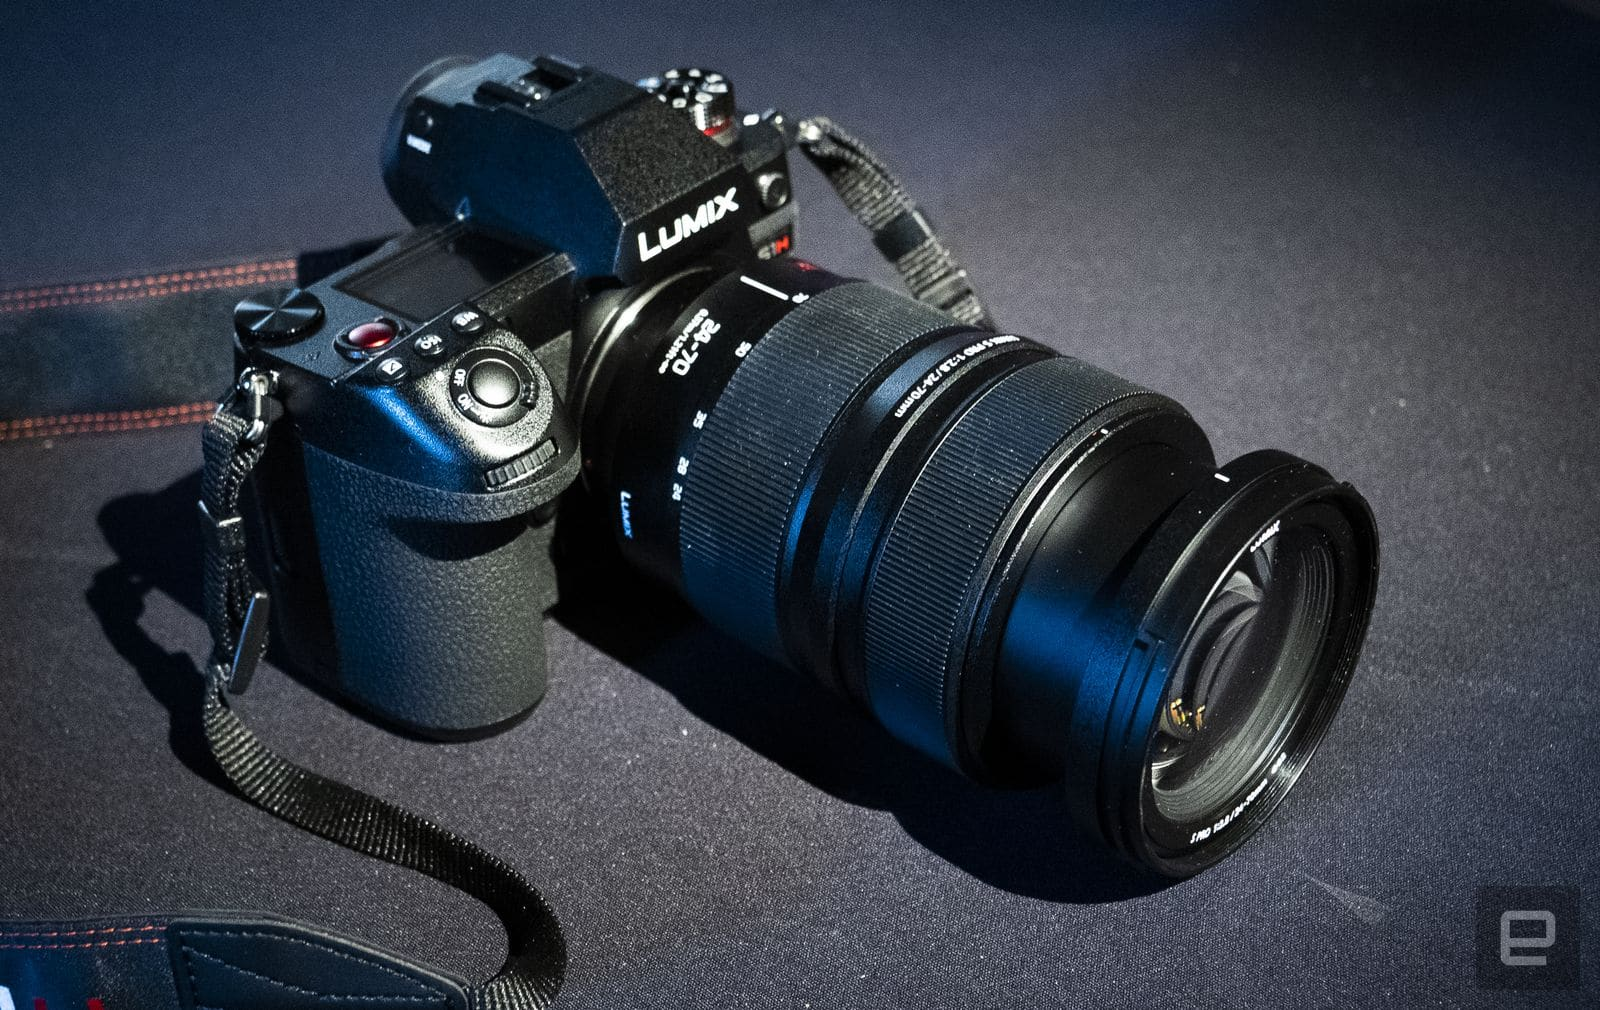 Panasonic S1H full-frame video-centric mirrorless camera